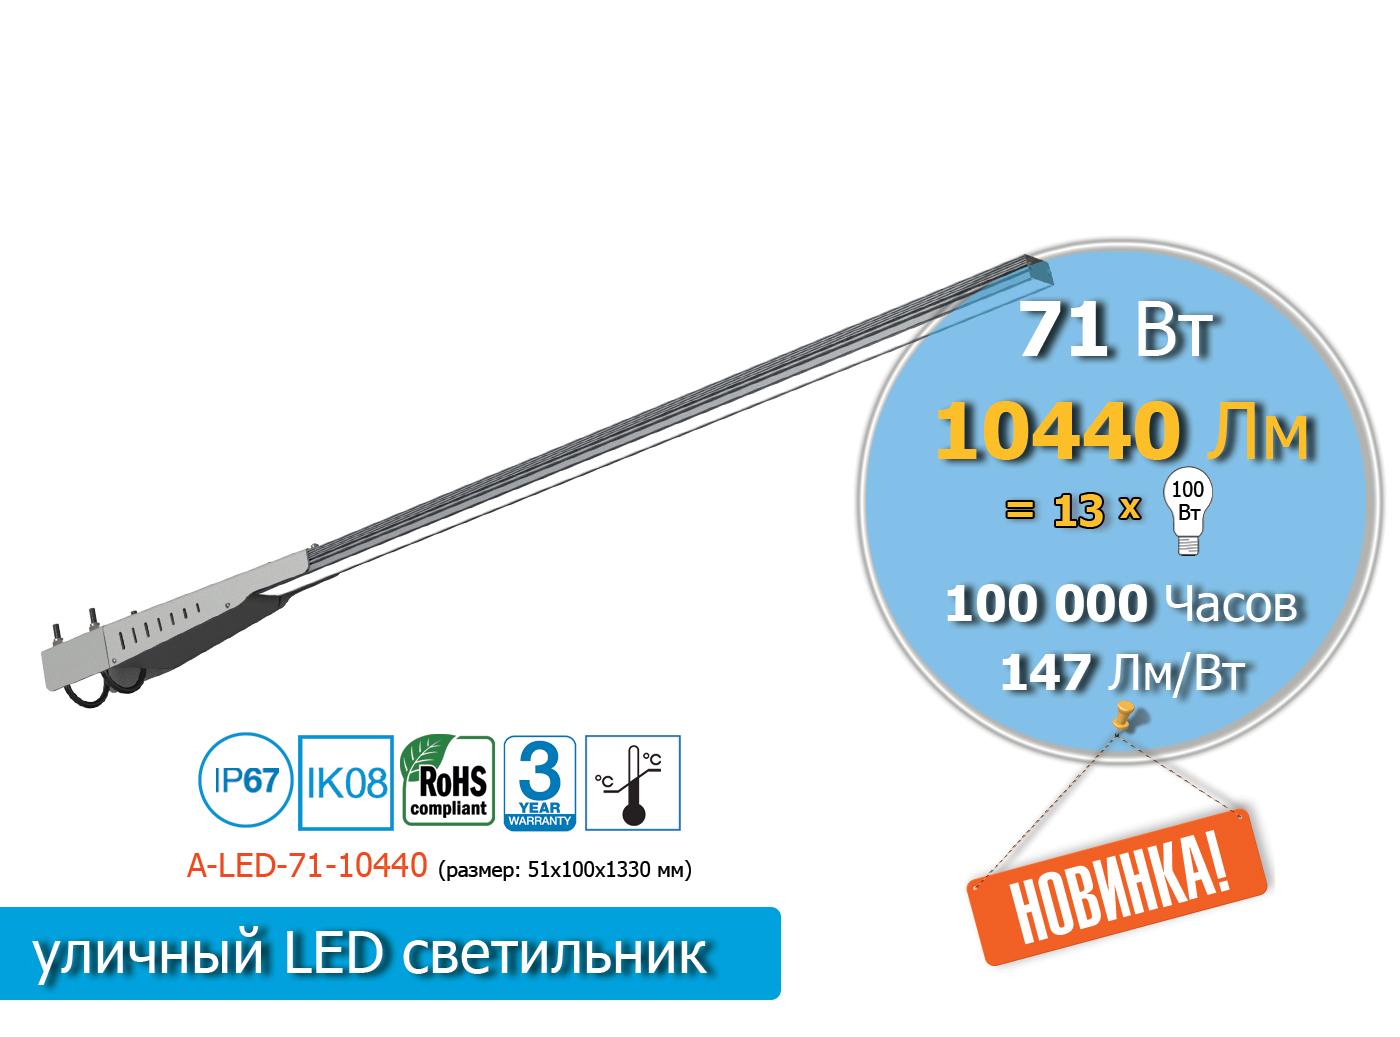 A-LED-71-10440